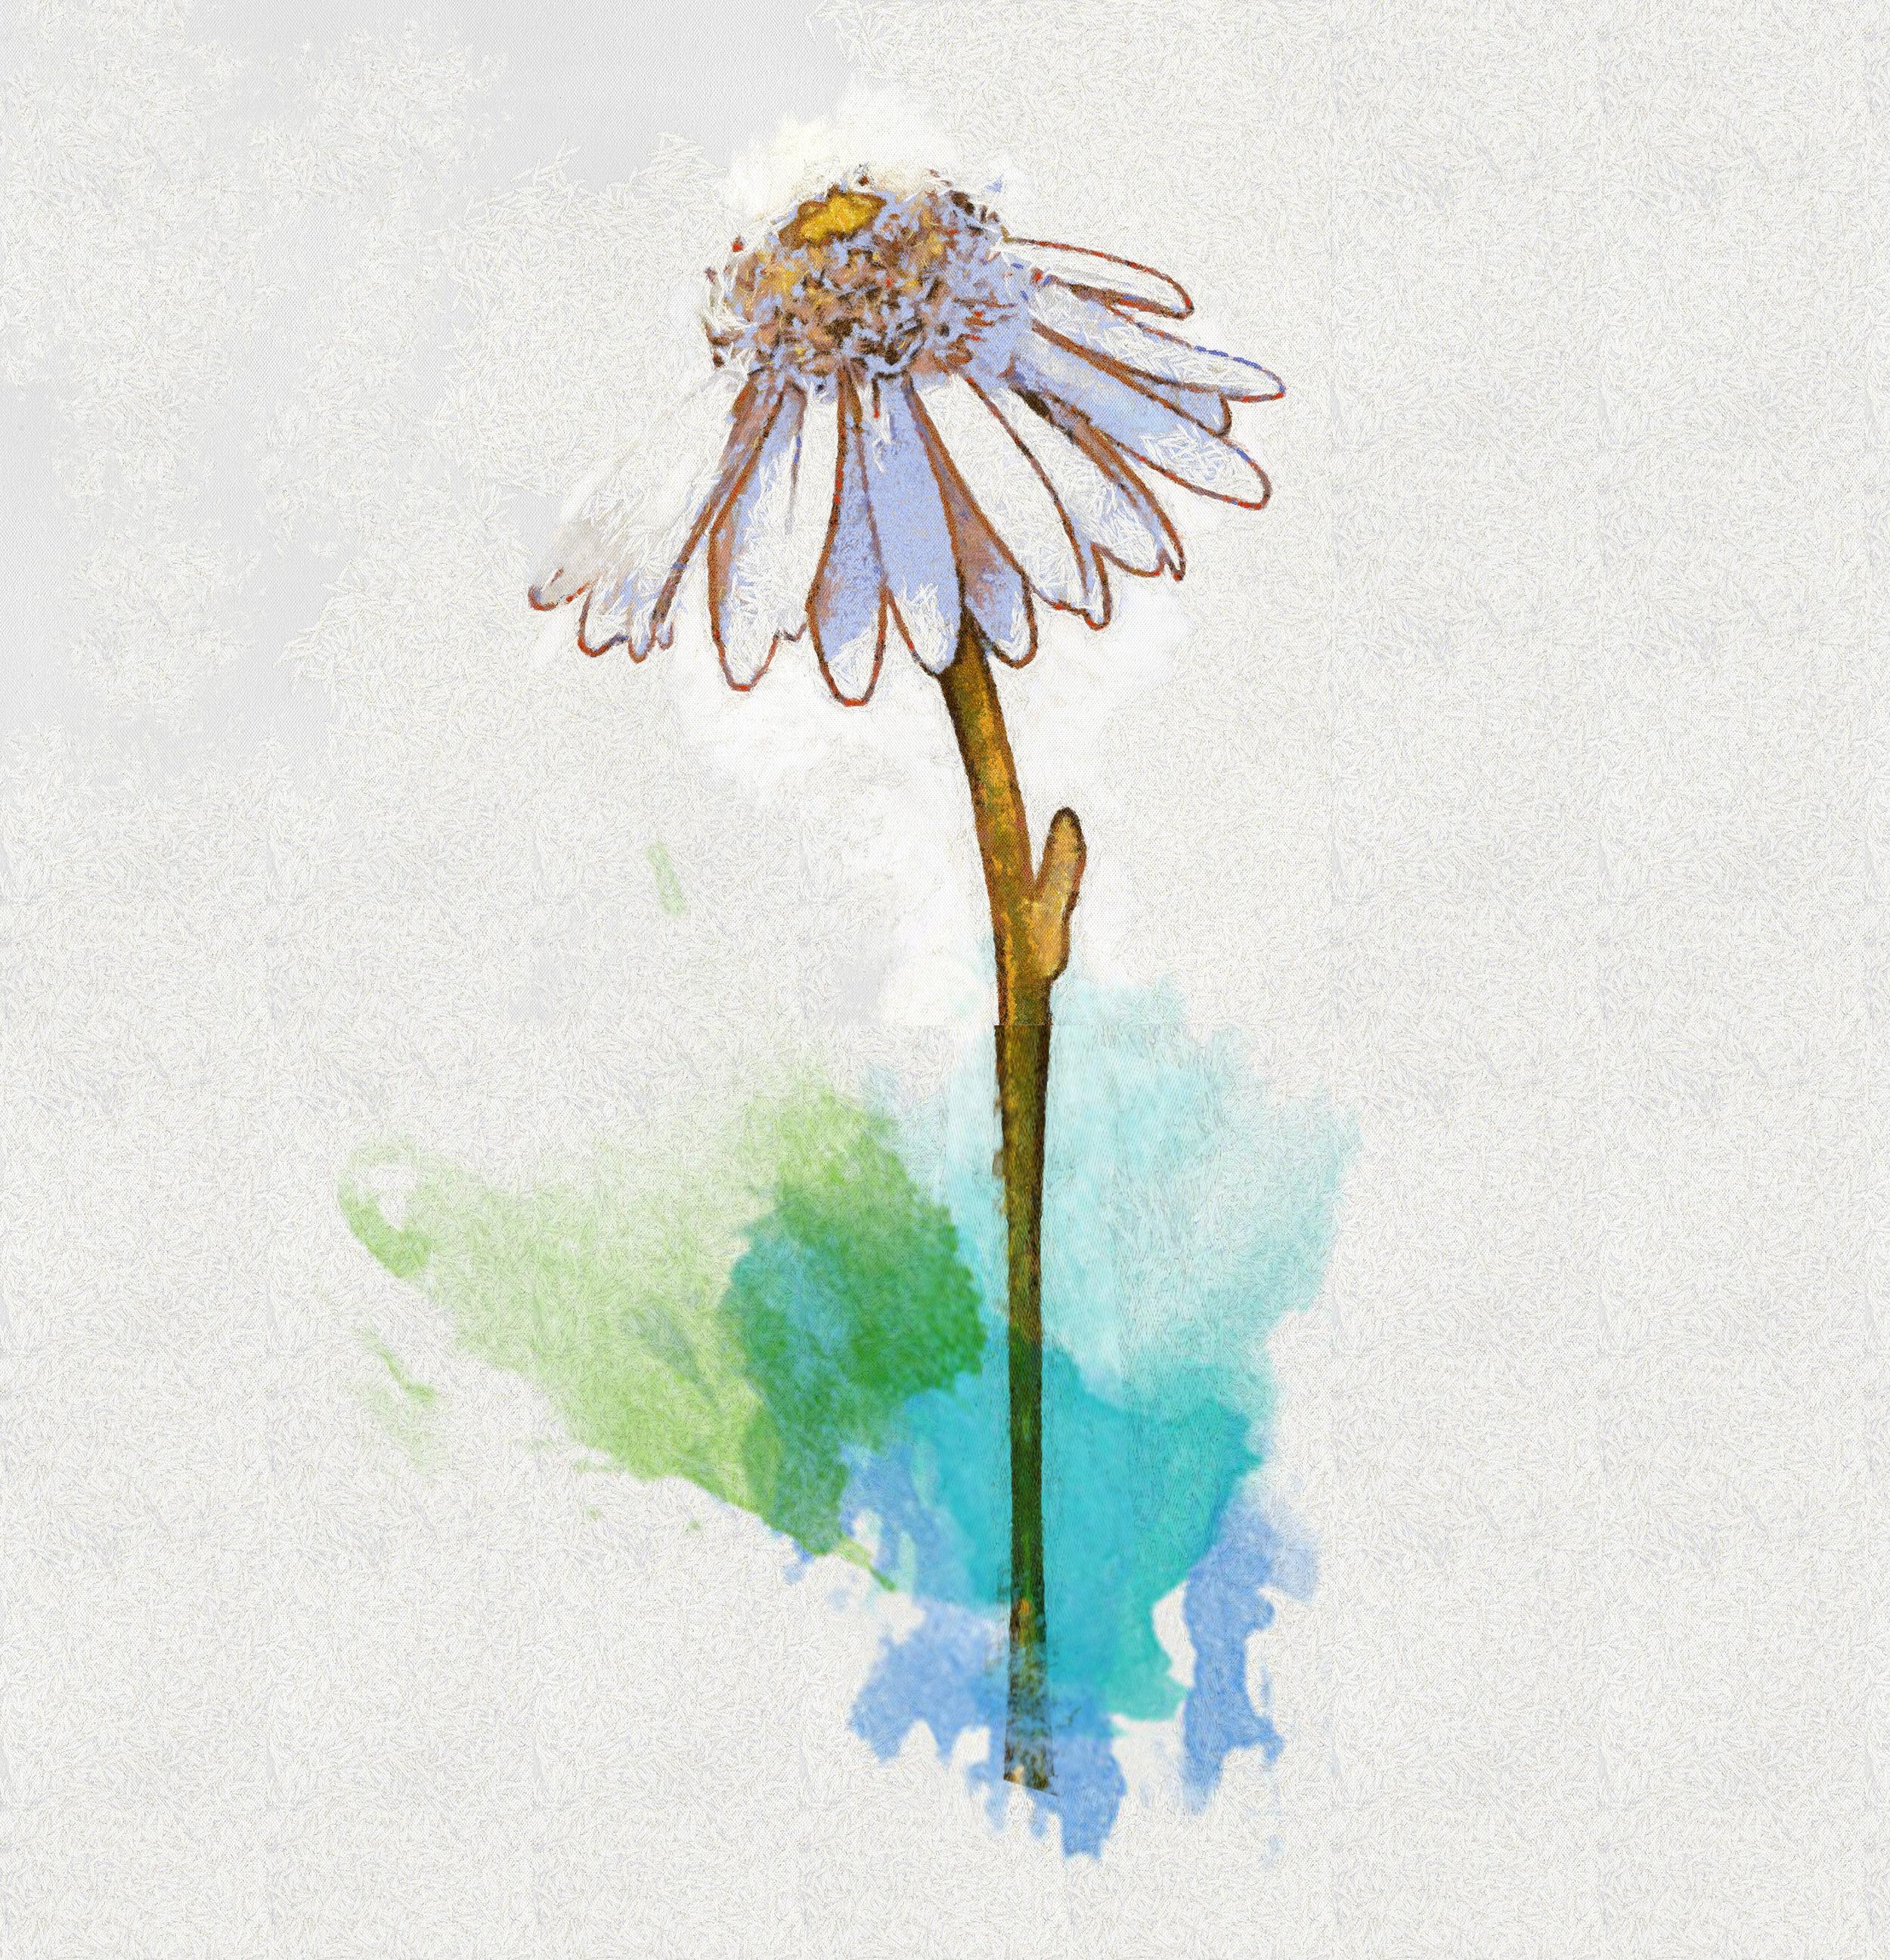 daisy-flower-white-background-1d380746073Nsv_Stroke20985_Benson.jpg